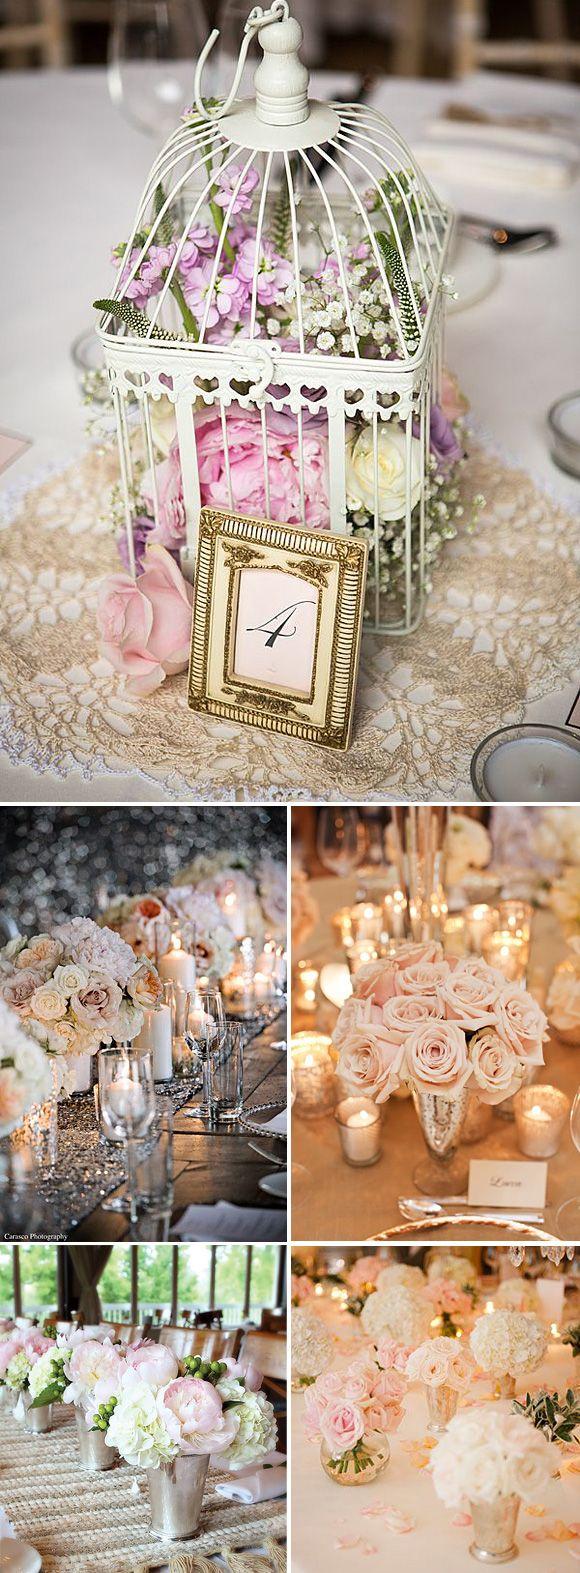 Colores pastel y rosas en la decoración de bodas románticas